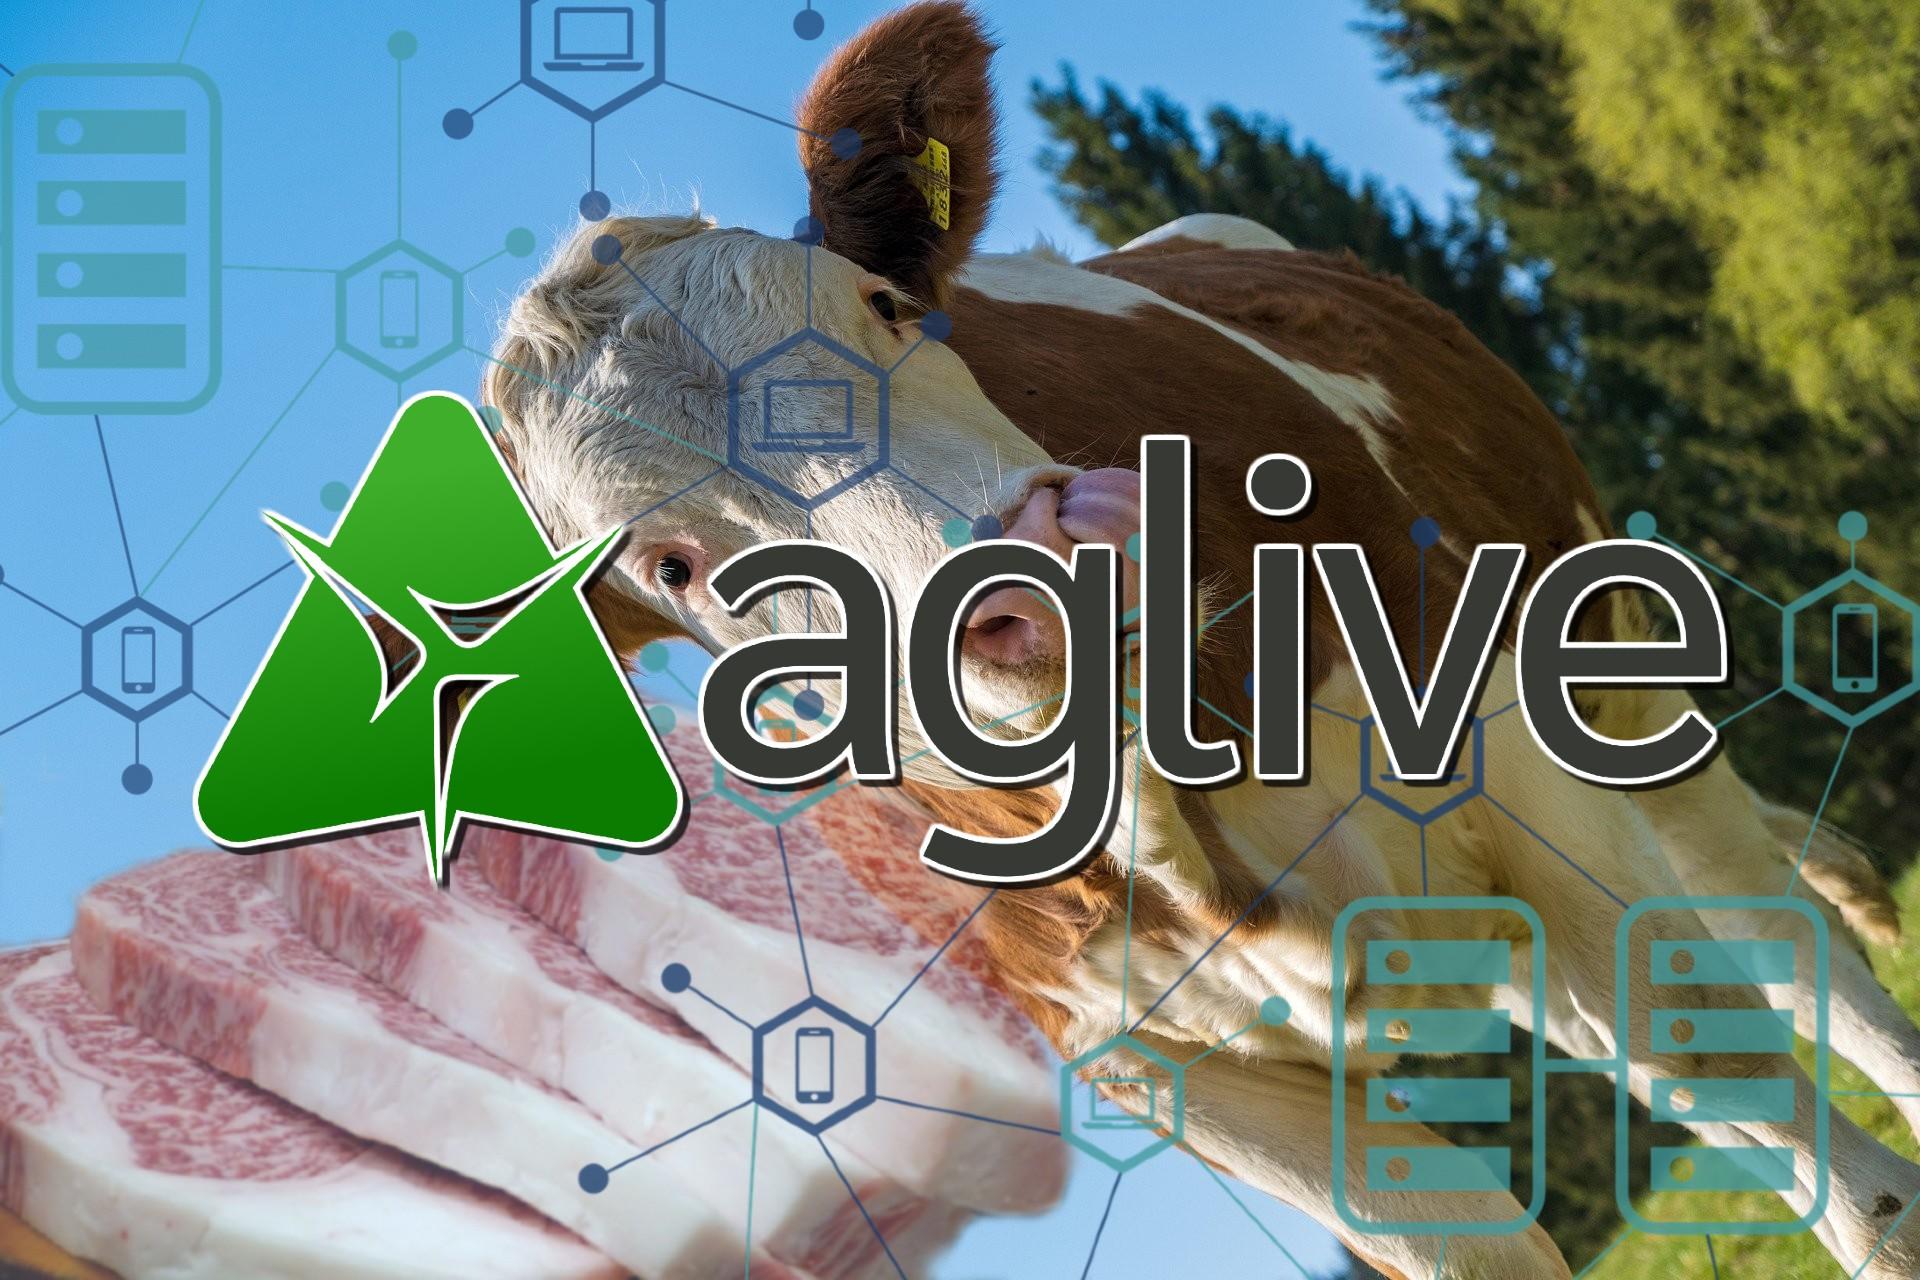 家畜追跡プラットフォーム「Aglive」が、中国への牛肉輸出トレーサビリティを確立